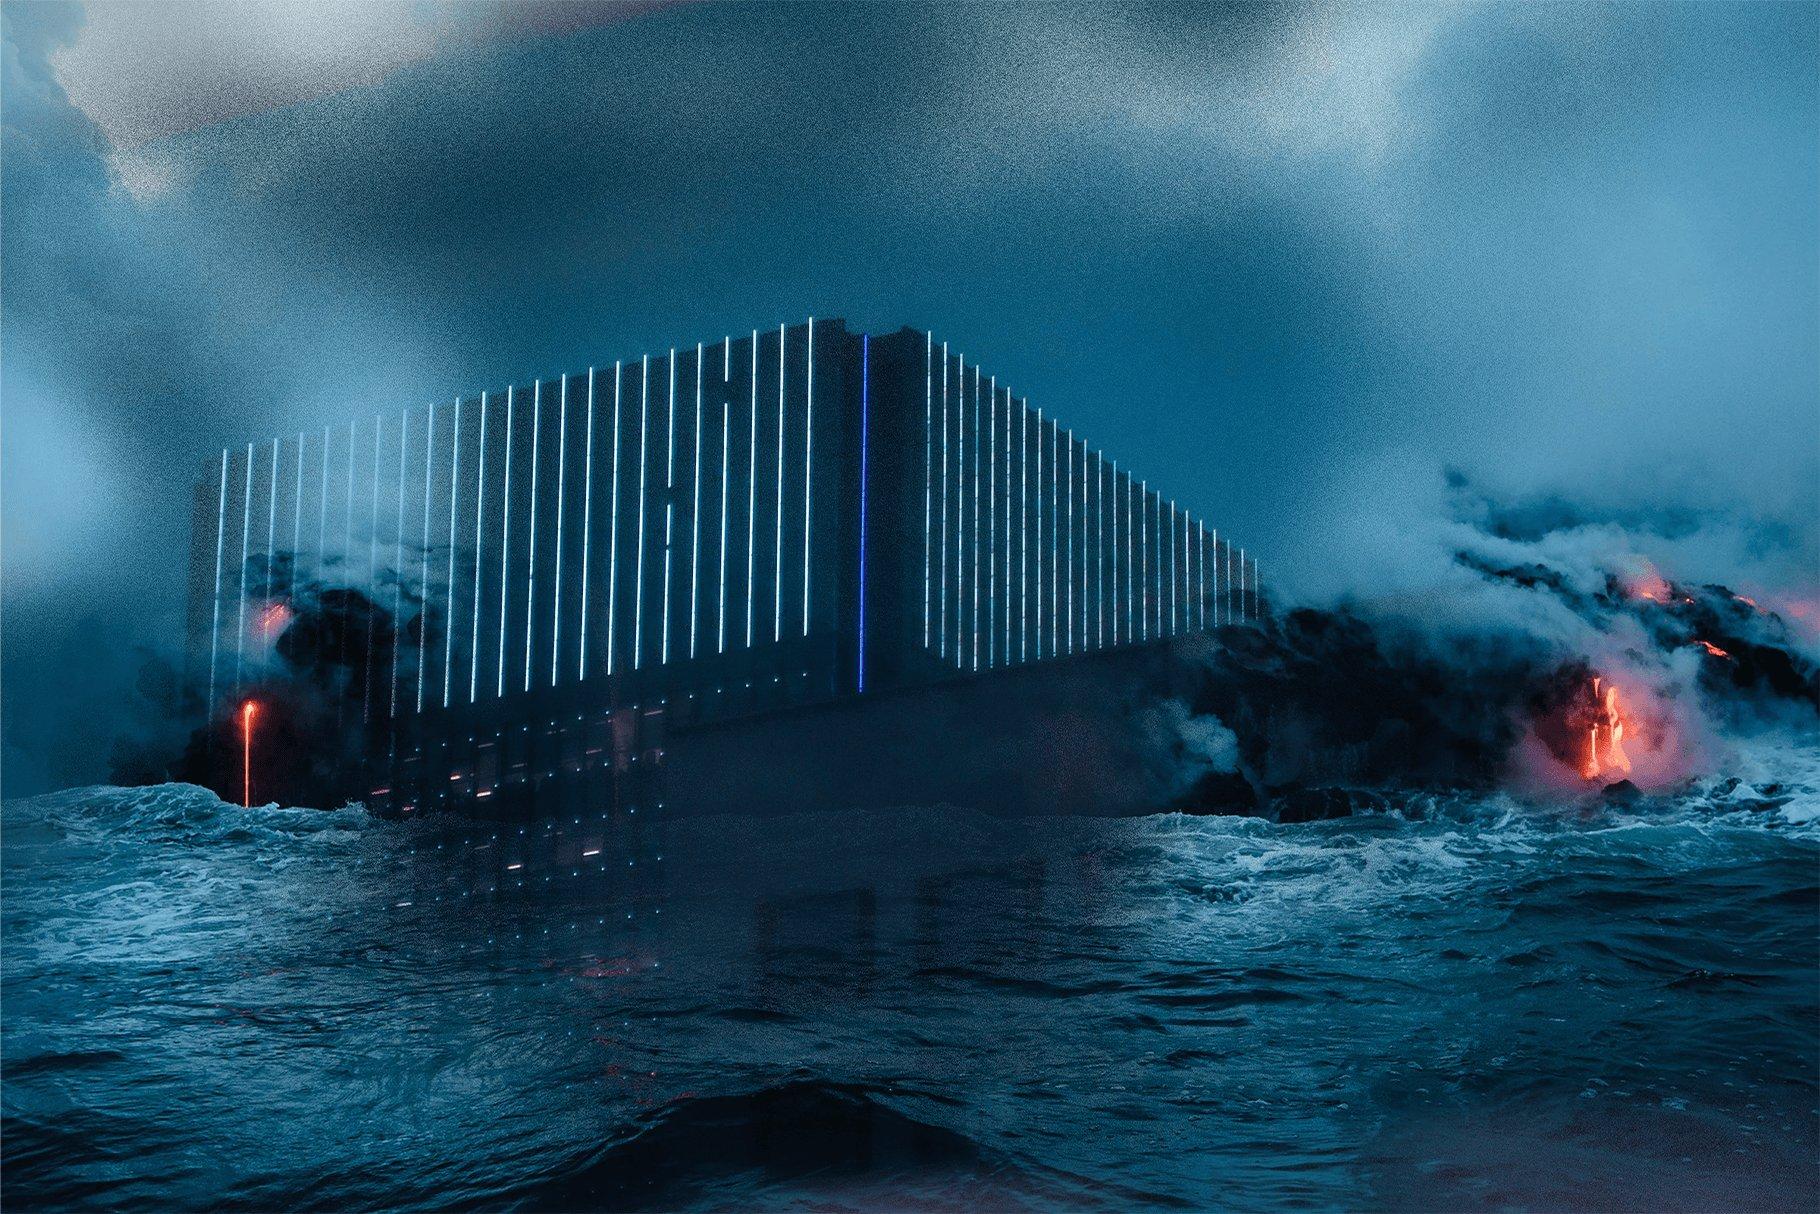 [淘宝购买] 多种曝光融合烟雾混合效果照片处理PS图层样式 Converge – Image Blending插图(5)